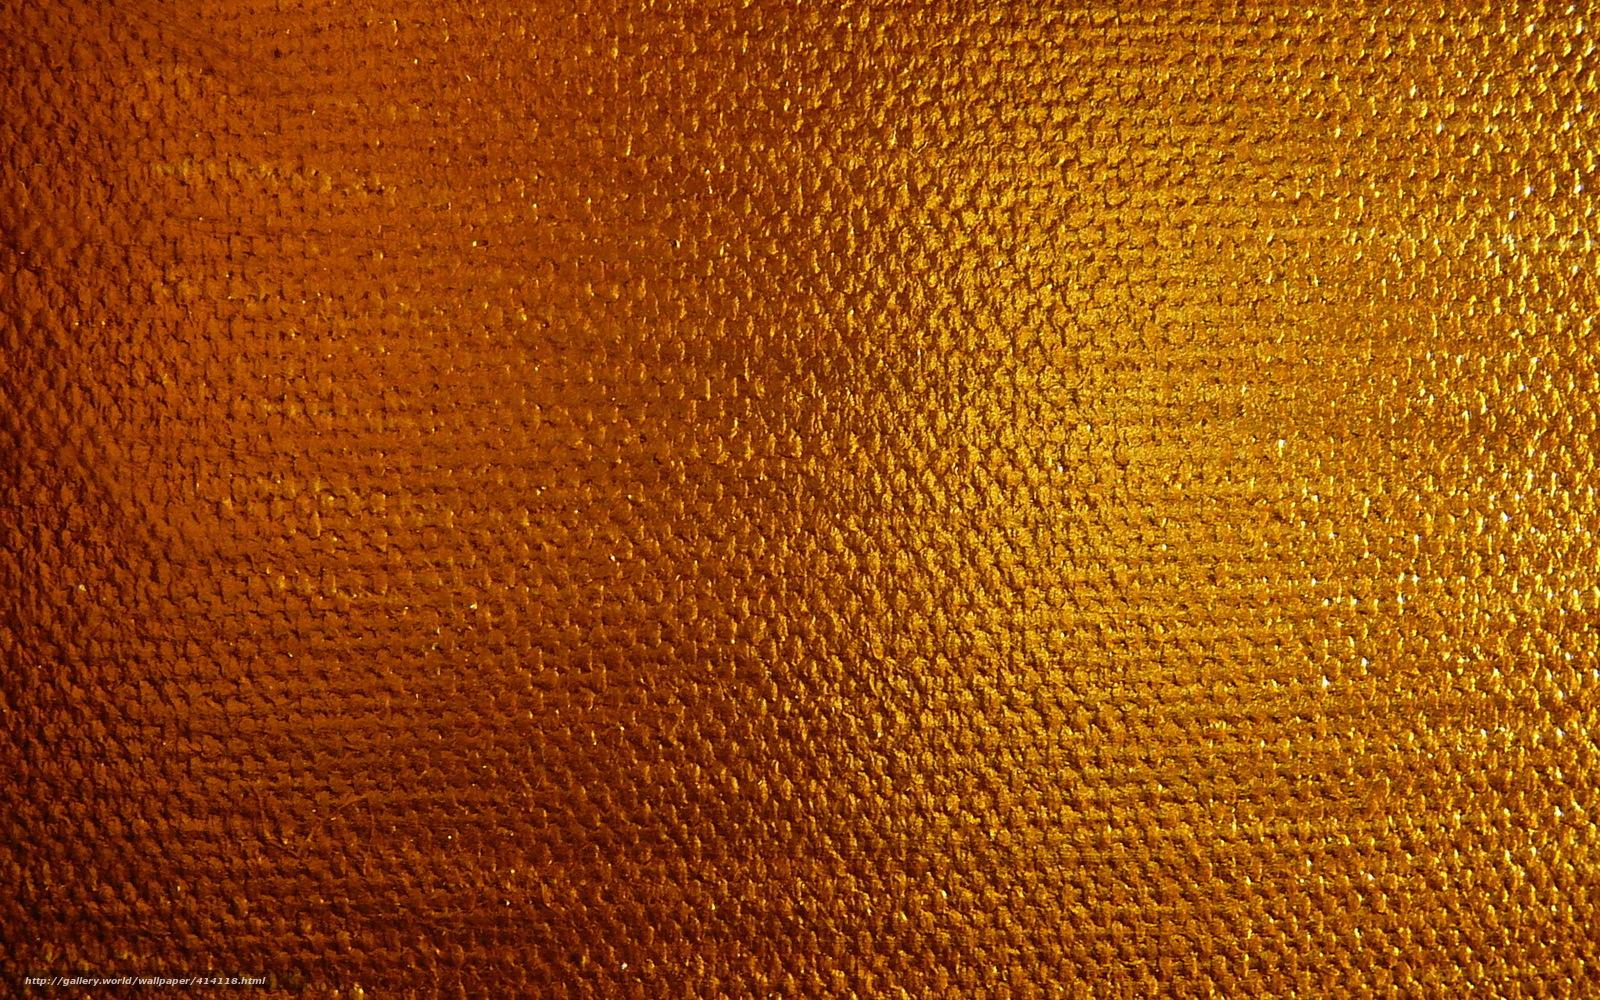 Скачать обои золото мешковина ткань